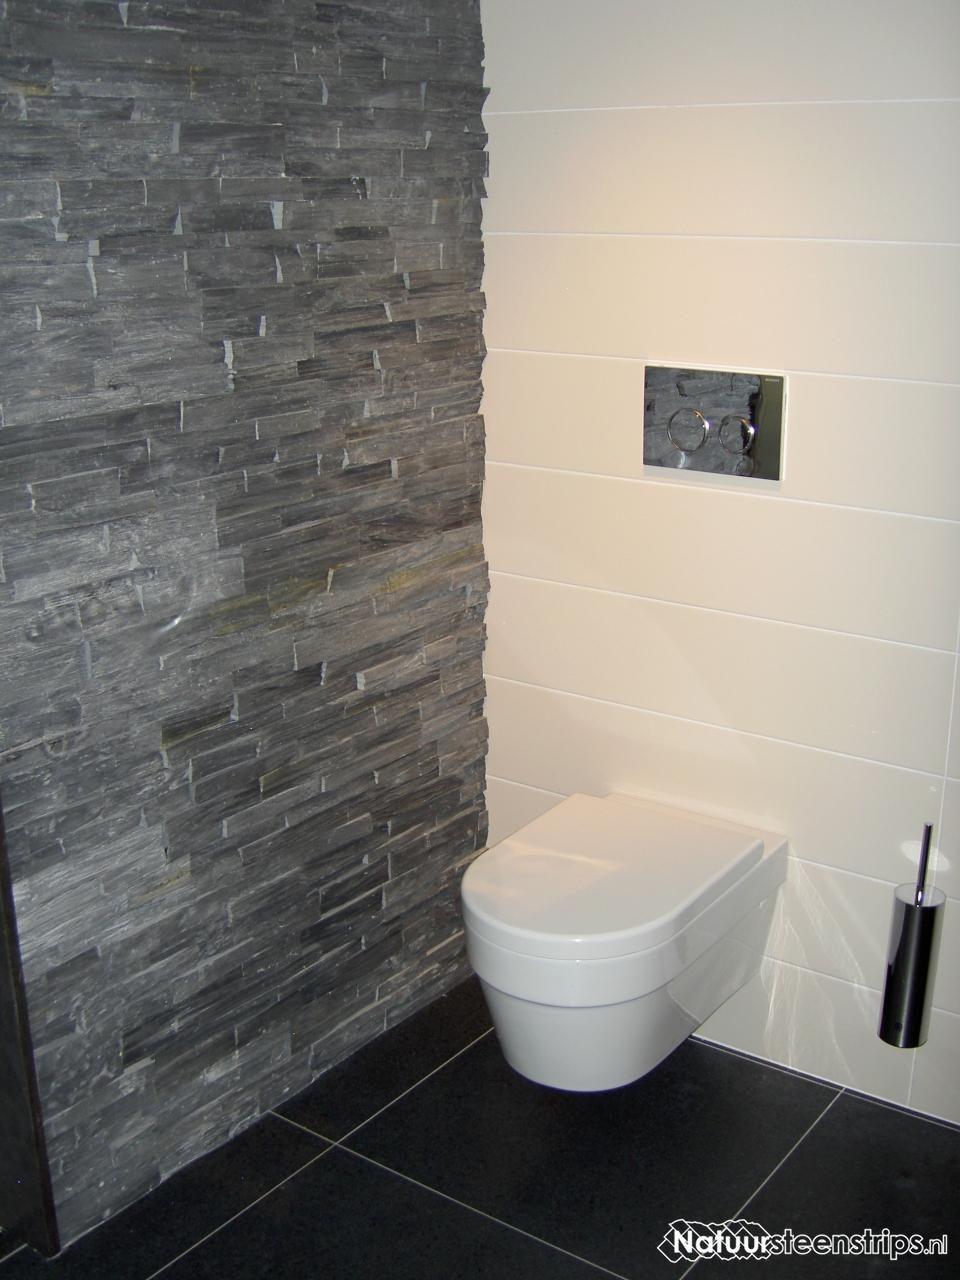 Moderne Toiletten natuursteenstrips zwarte toegepast in een modern luxe